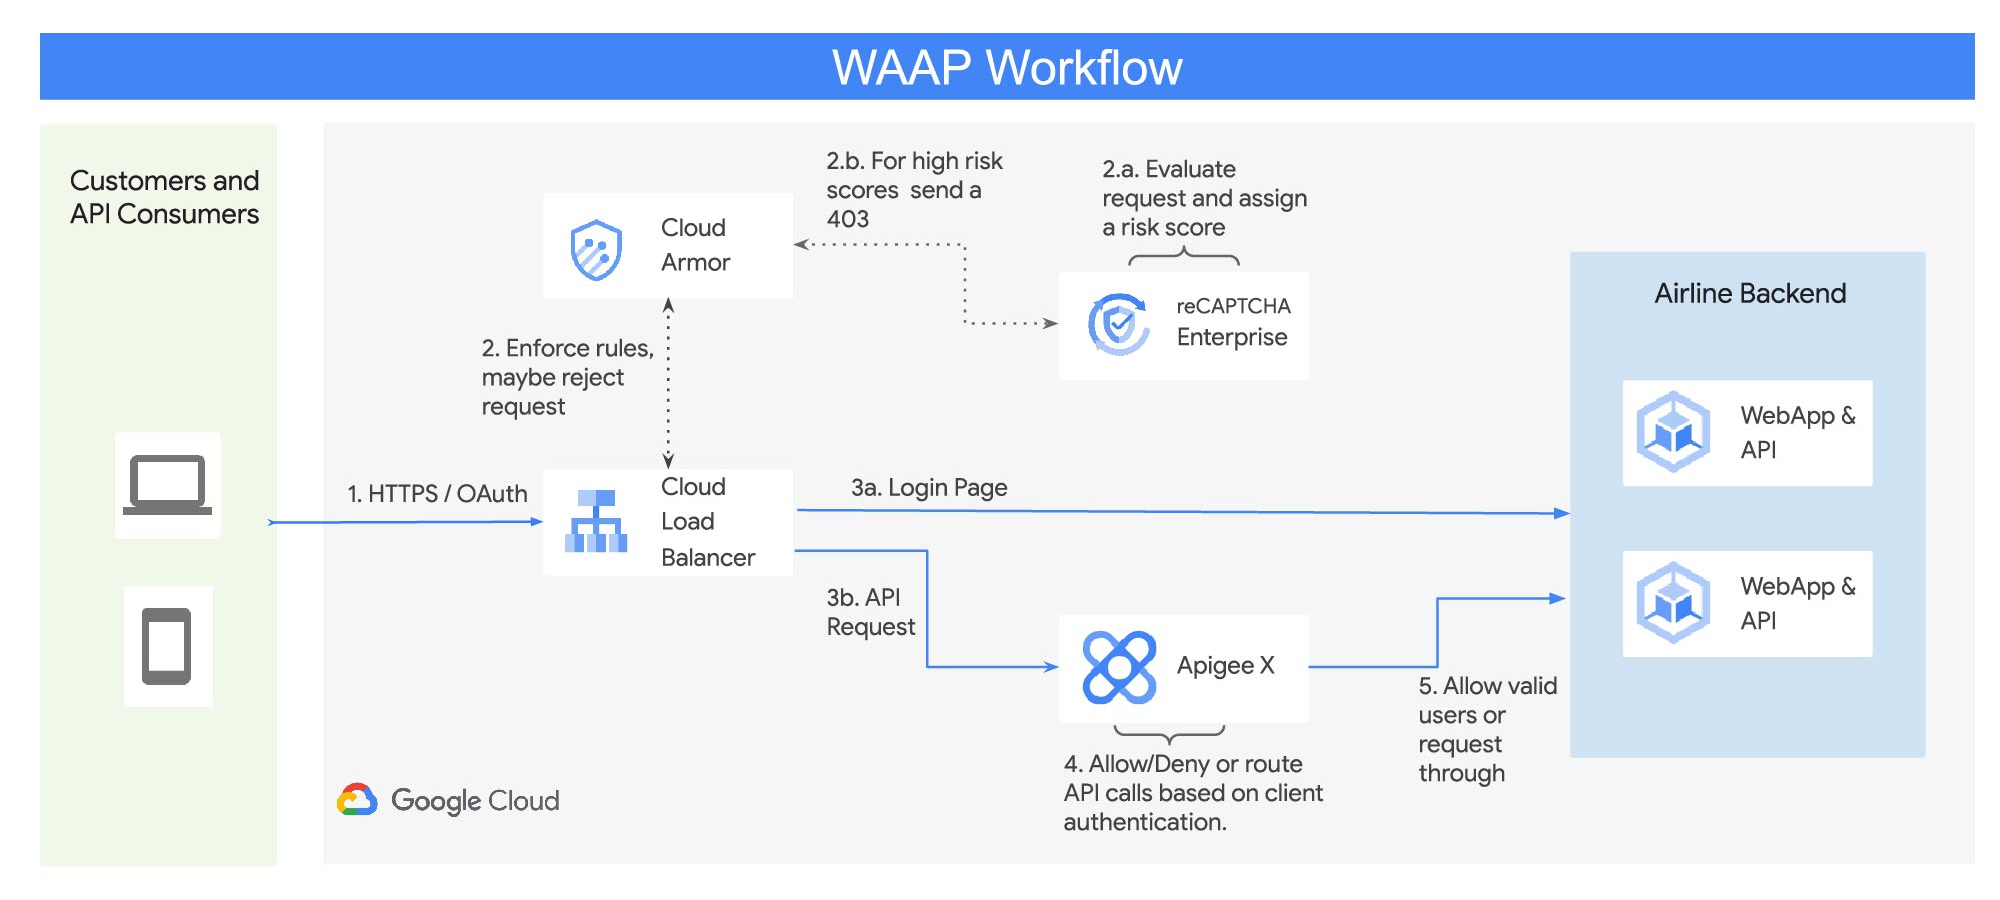 Google Cloud WAAP solution workflow.jpg